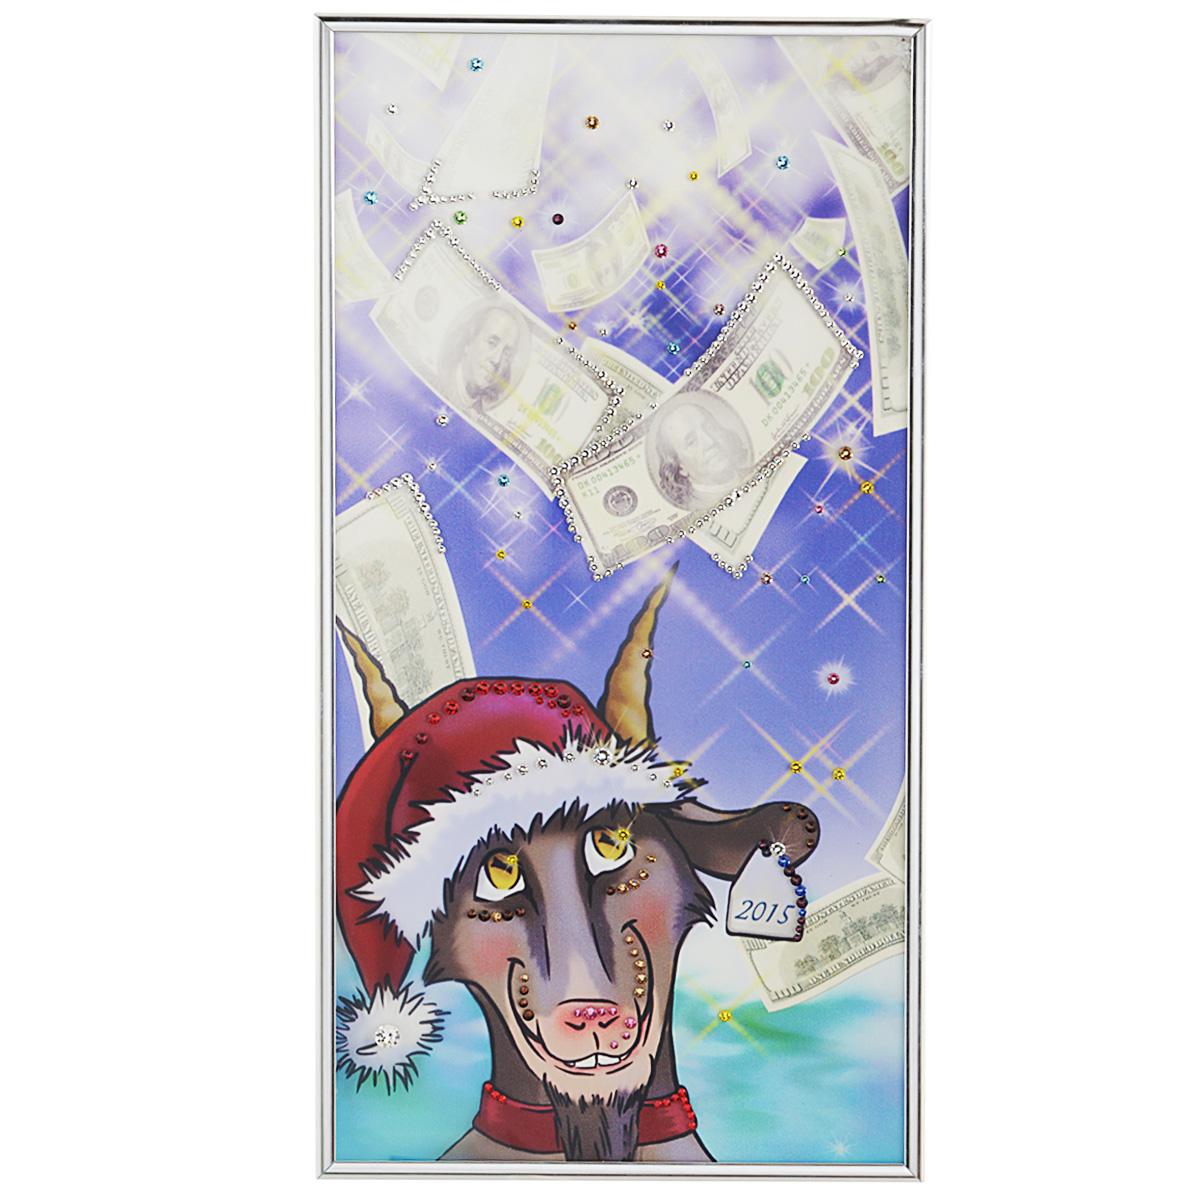 Картина с кристаллами Swarovski Про100козел, 20 см х 40 см1546Изящная картина в металлической раме, инкрустирована кристаллами Swarovski, которые отличаются четкой и ровной огранкой, ярким блеском и чистотой цвета. Красочное изображение козла, в новогодней шапке, расположенное под стеклом, прекрасно дополняет блеск кристаллов. С обратной стороны имеется металлическая петелька для размещения картины на стене. Картина с кристаллами Swarovski Про100козел элегантно украсит интерьер дома или офиса, а также станет прекрасным подарком, который обязательно понравится получателю. Блеск кристаллов в интерьере, что может быть сказочнее и удивительнее. Картина упакована в подарочную картонную коробку синего цвета и комплектуется сертификатом соответствия Swarovski.